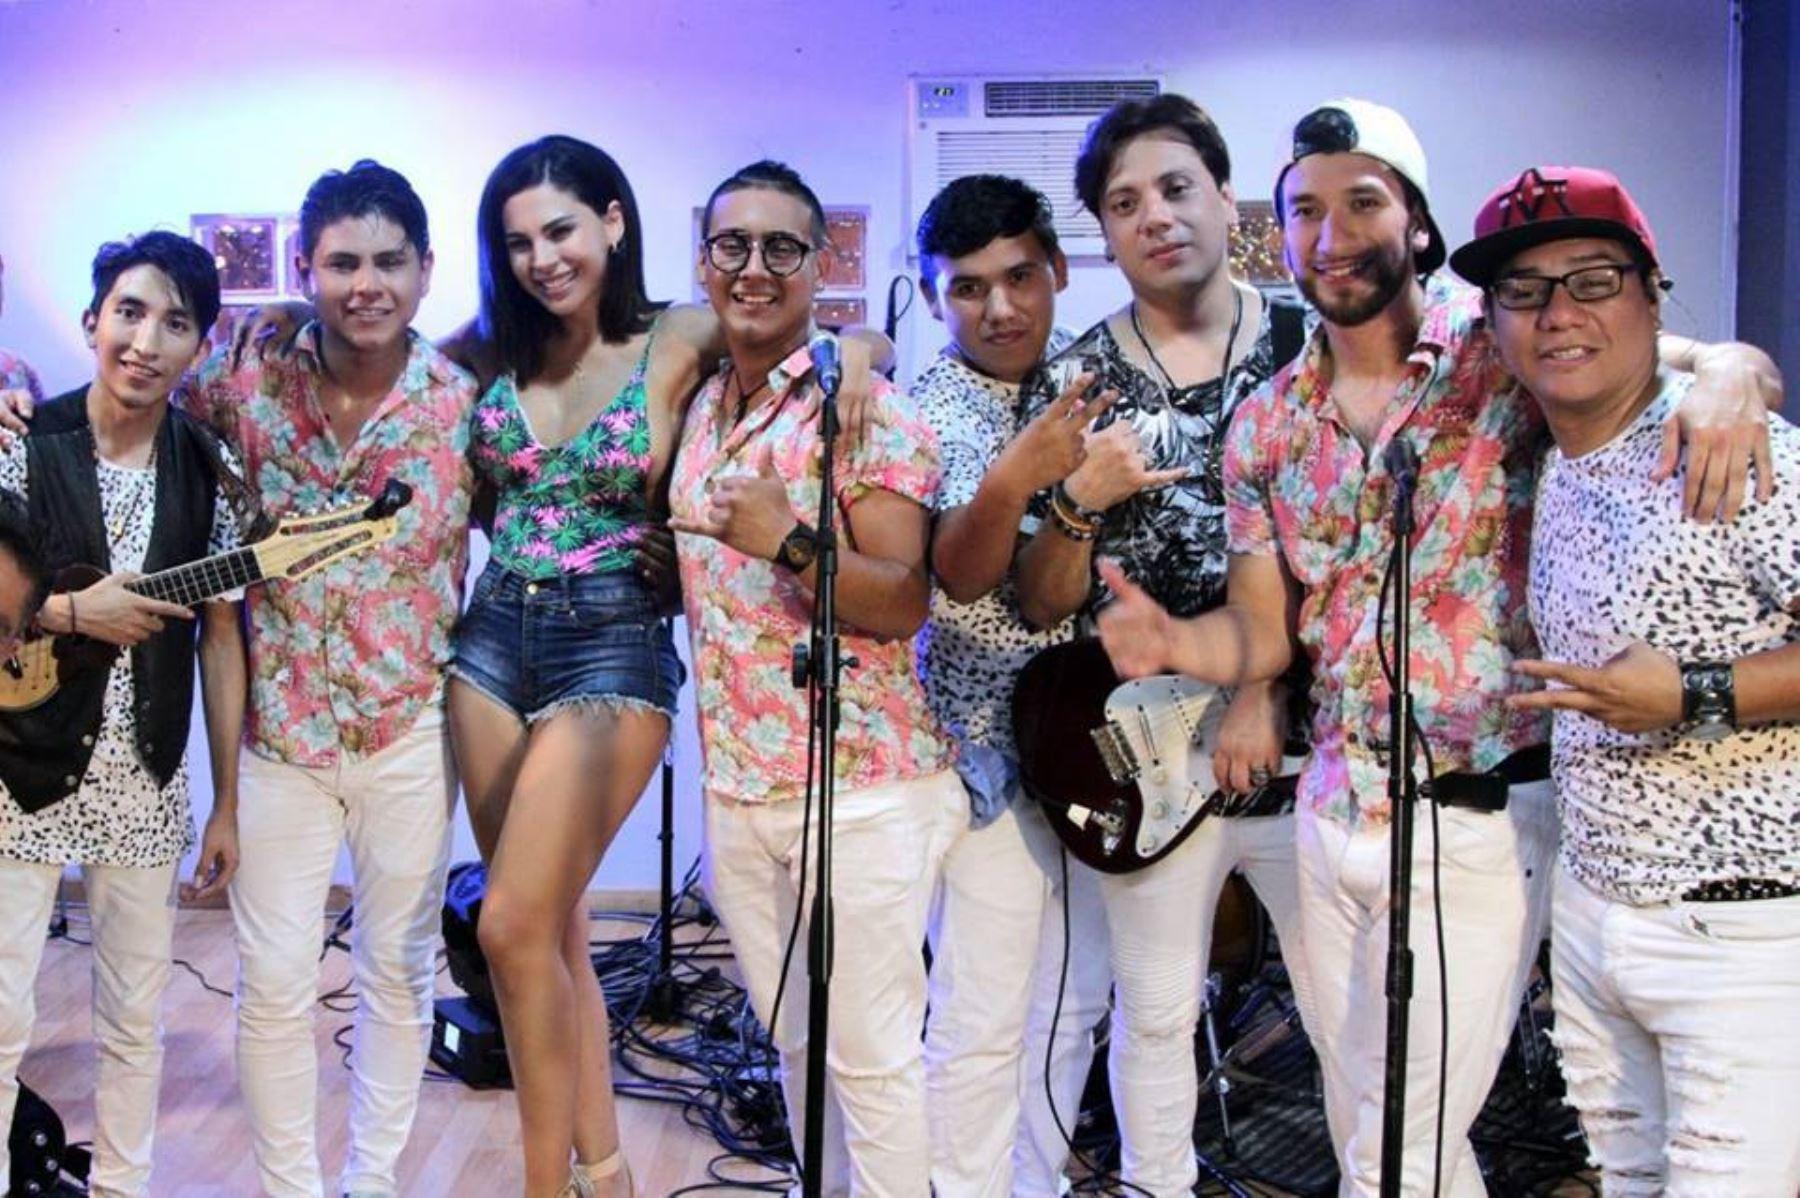 Orquesta Palo Blanco.